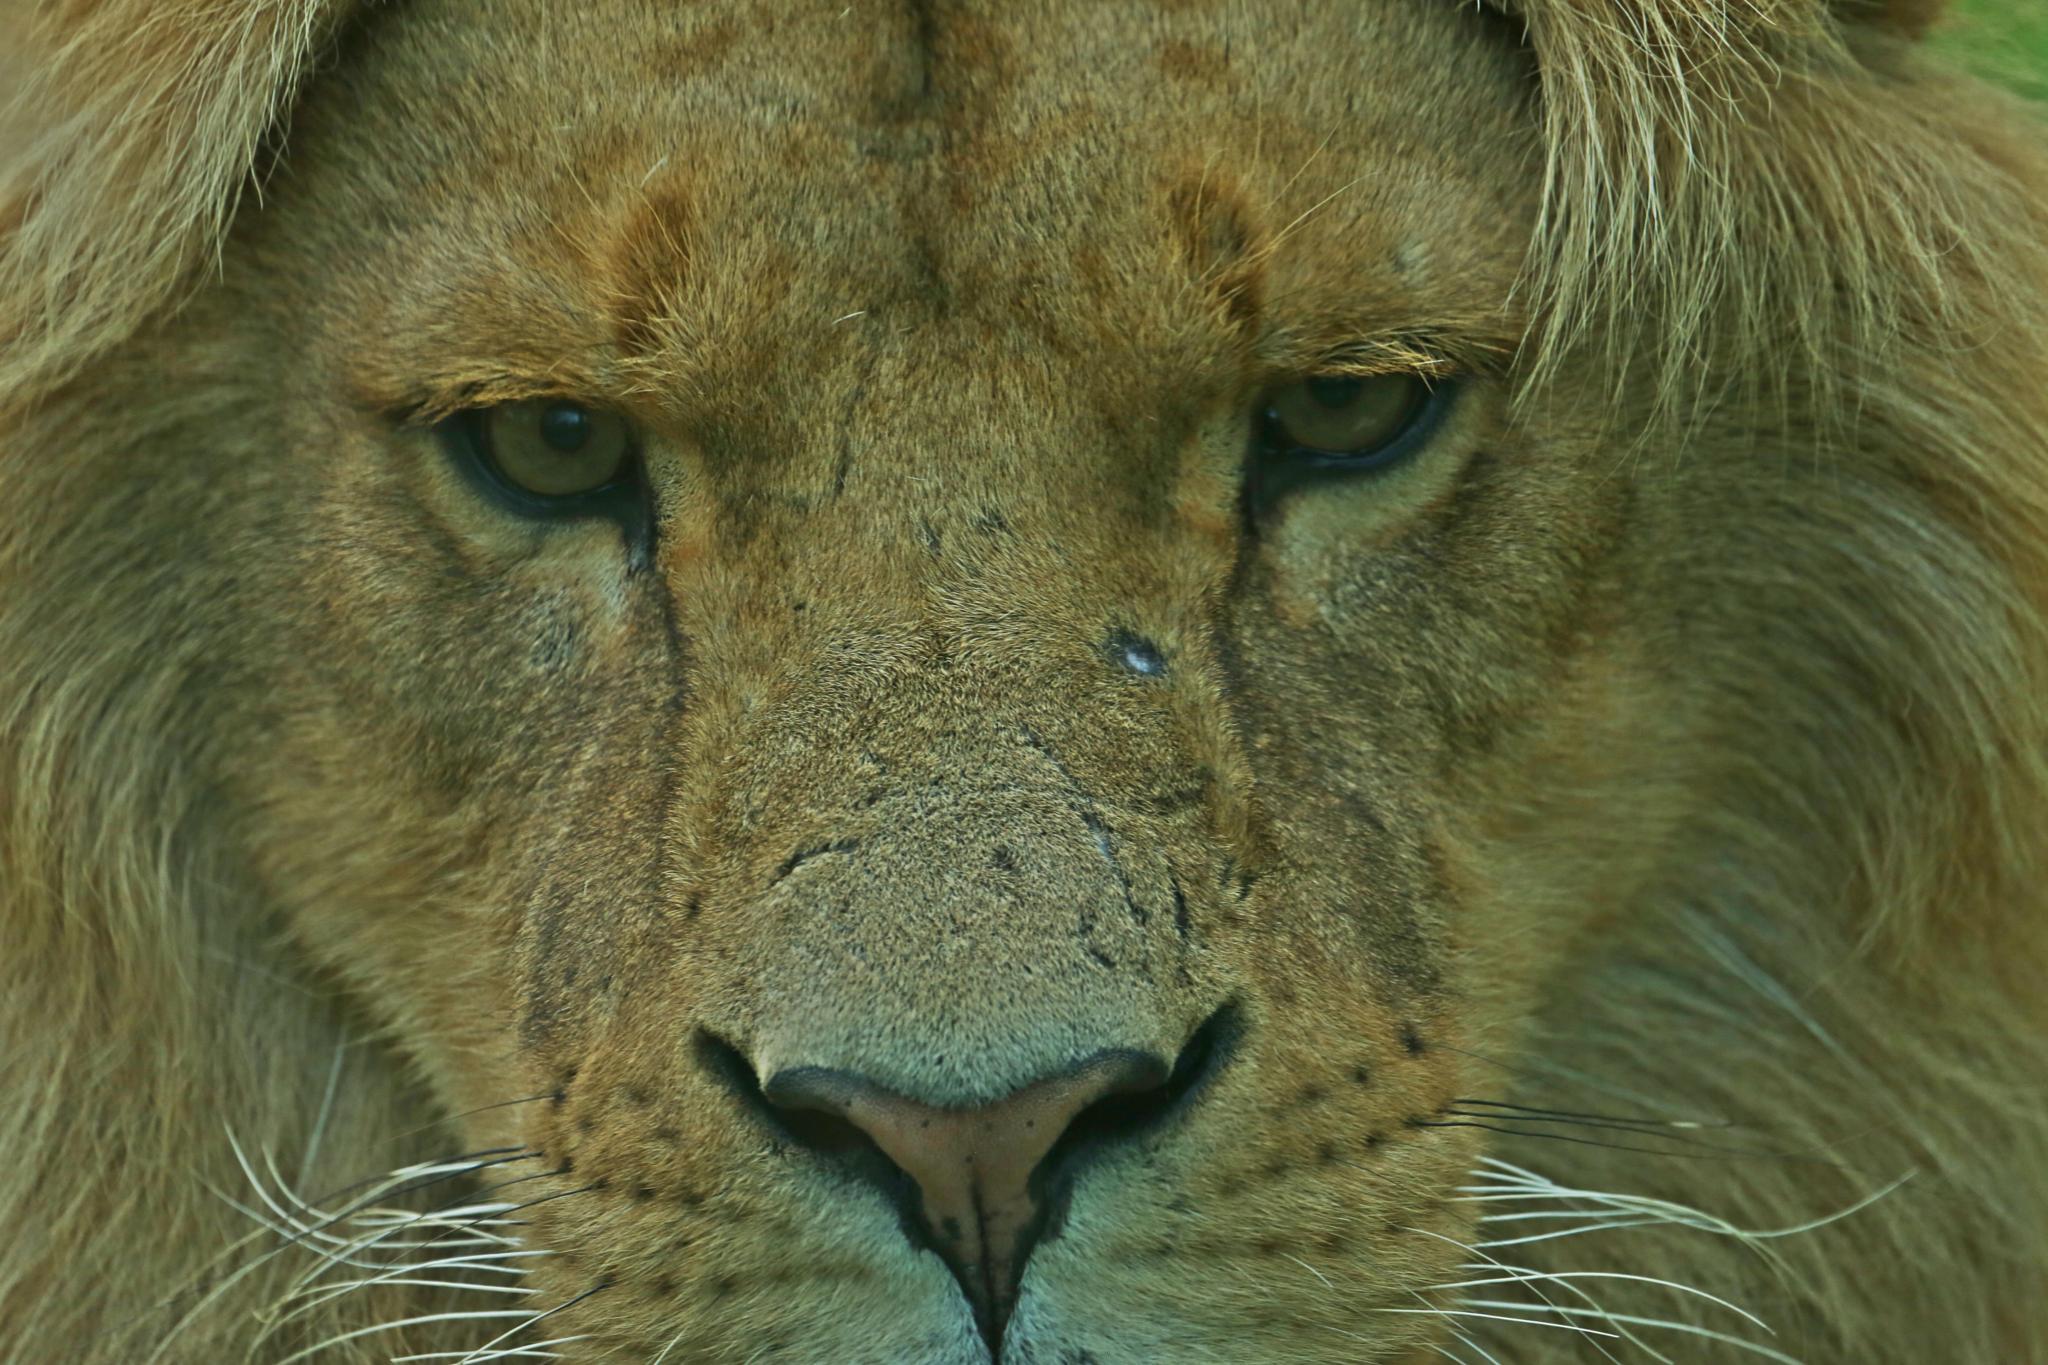 Lion in close up by henkschneider